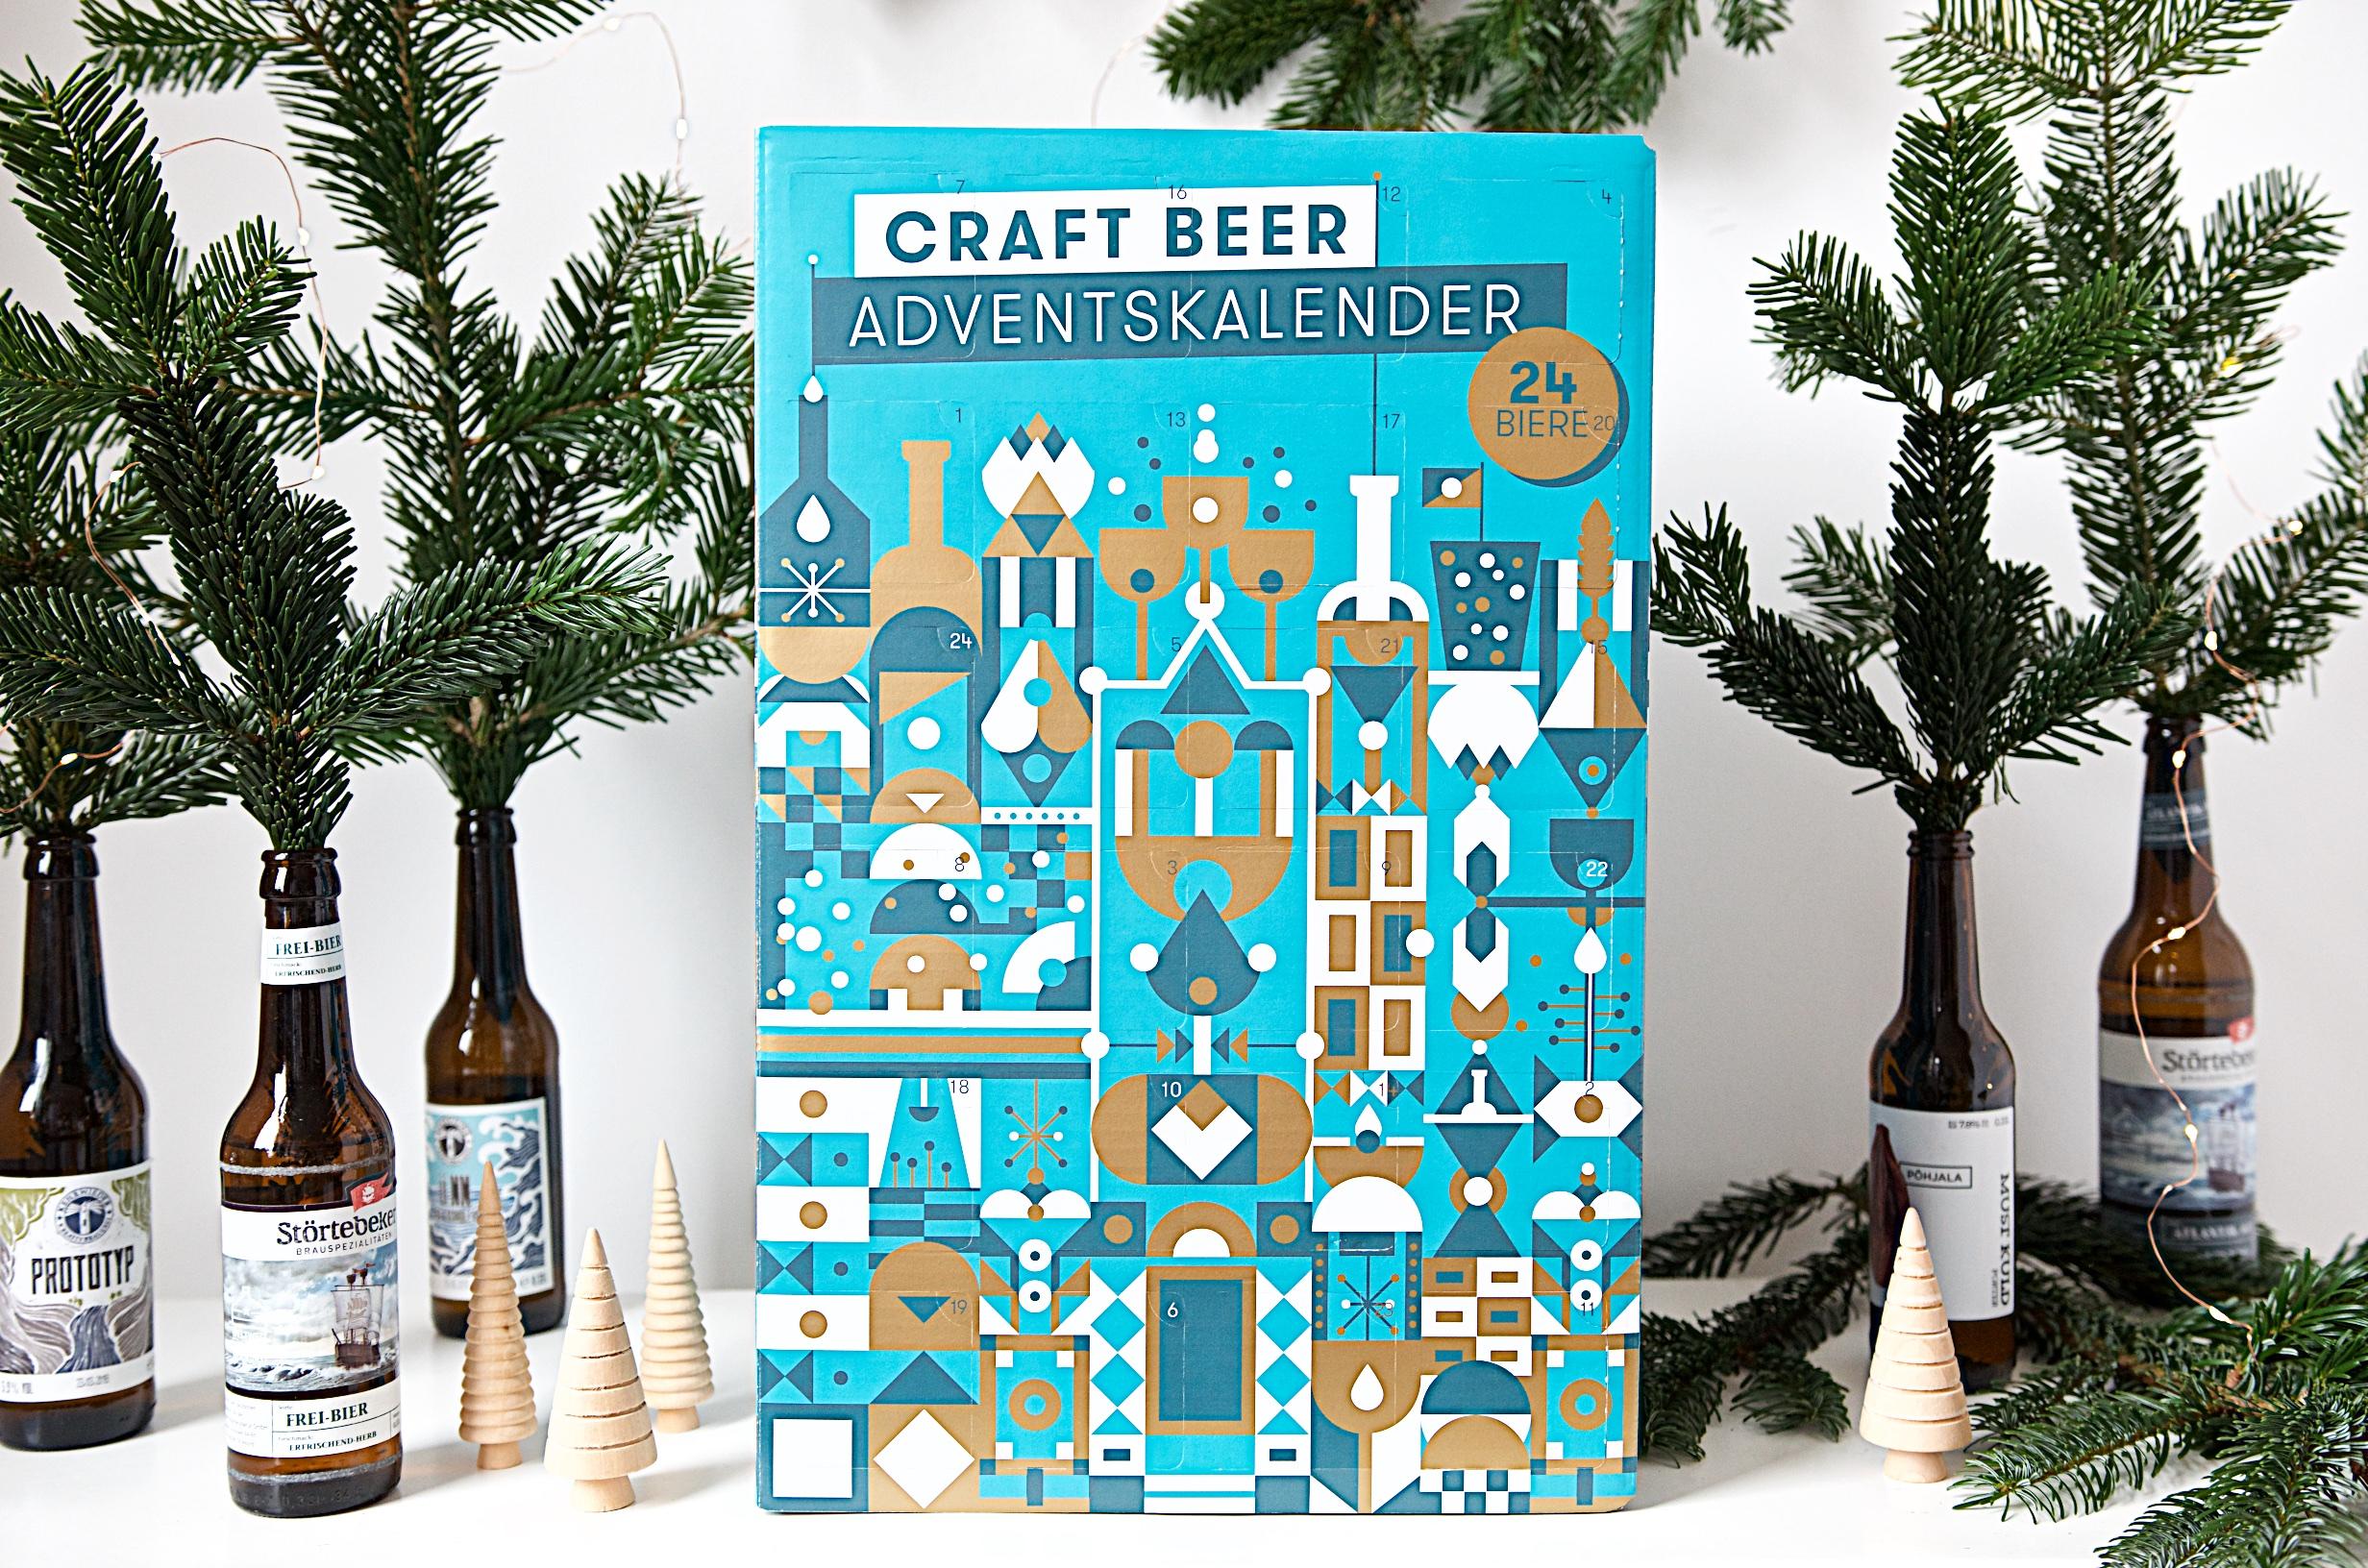 craft beer adventskalender von beyond beer perfekt f r m nner und bierliebhaber pinkepank. Black Bedroom Furniture Sets. Home Design Ideas